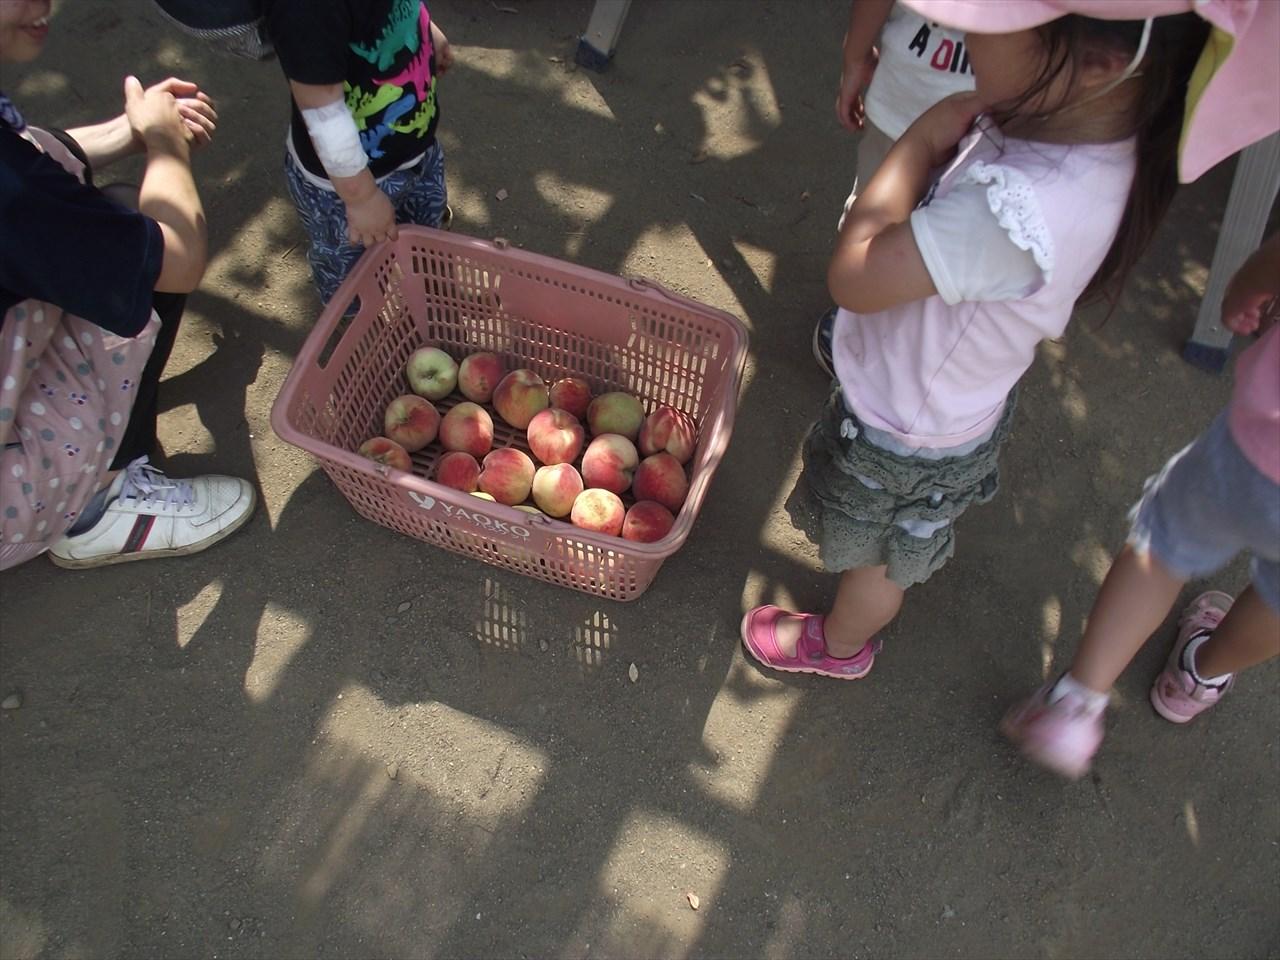 収穫した桃は、ピューレにして、夏まつりのかき氷のシロップにしていただきます。